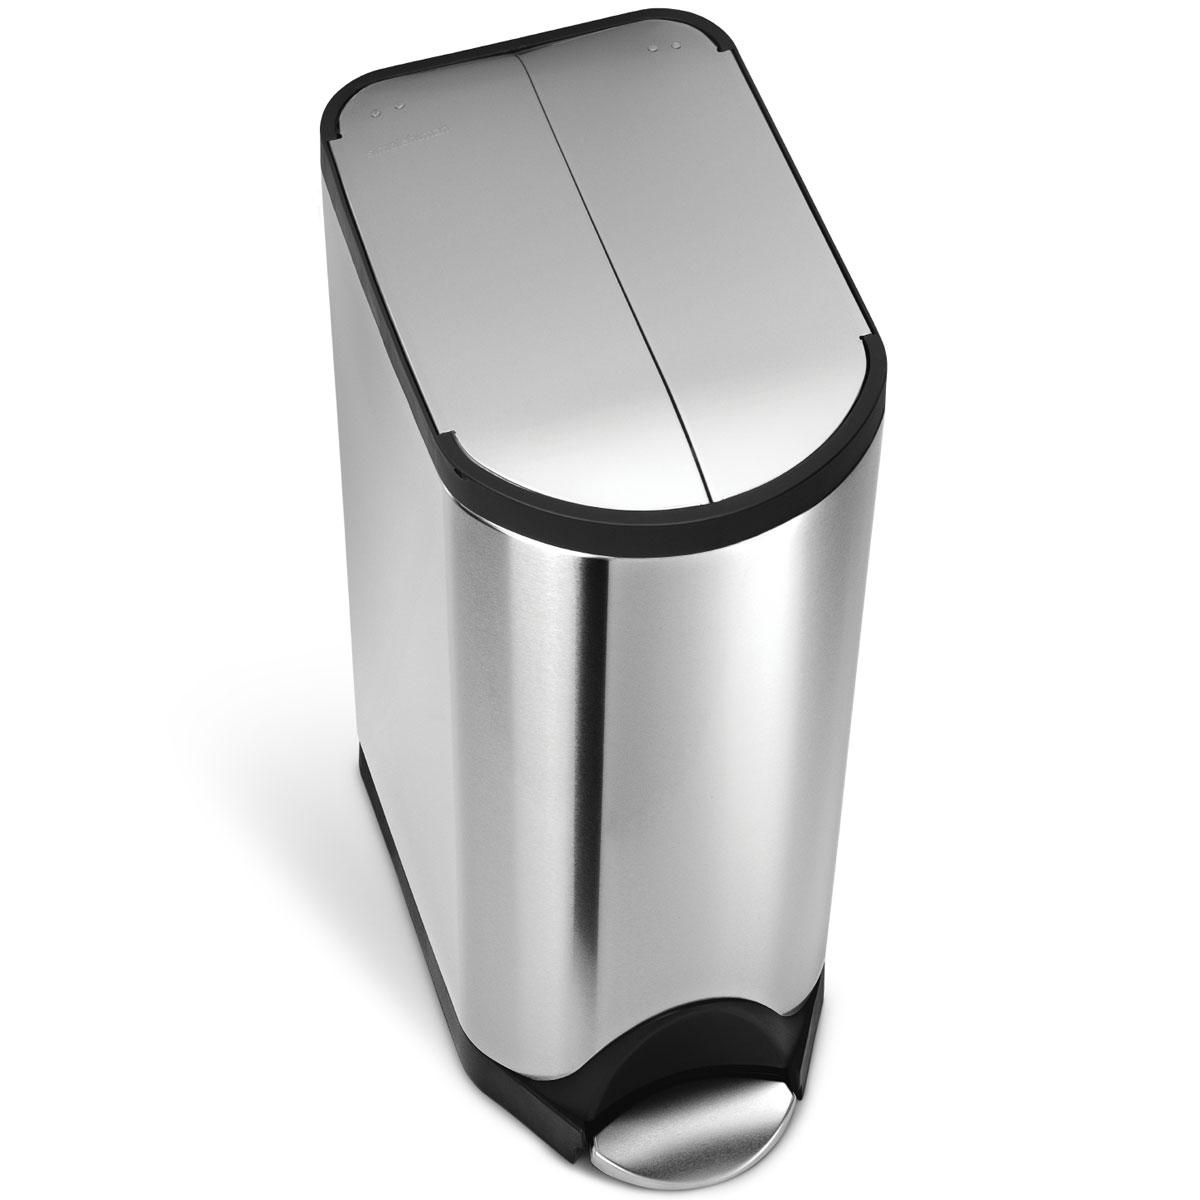 simplehuman ゴミ箱 バタフライステップカン ダストボックス ごみ箱 シルバー ペダル式 フタ付き 両開き開閉 キッチンなどに シンプルヒューマン 正規品 1年間メーカー保証付き ゴミ箱 CW1824 30リットル